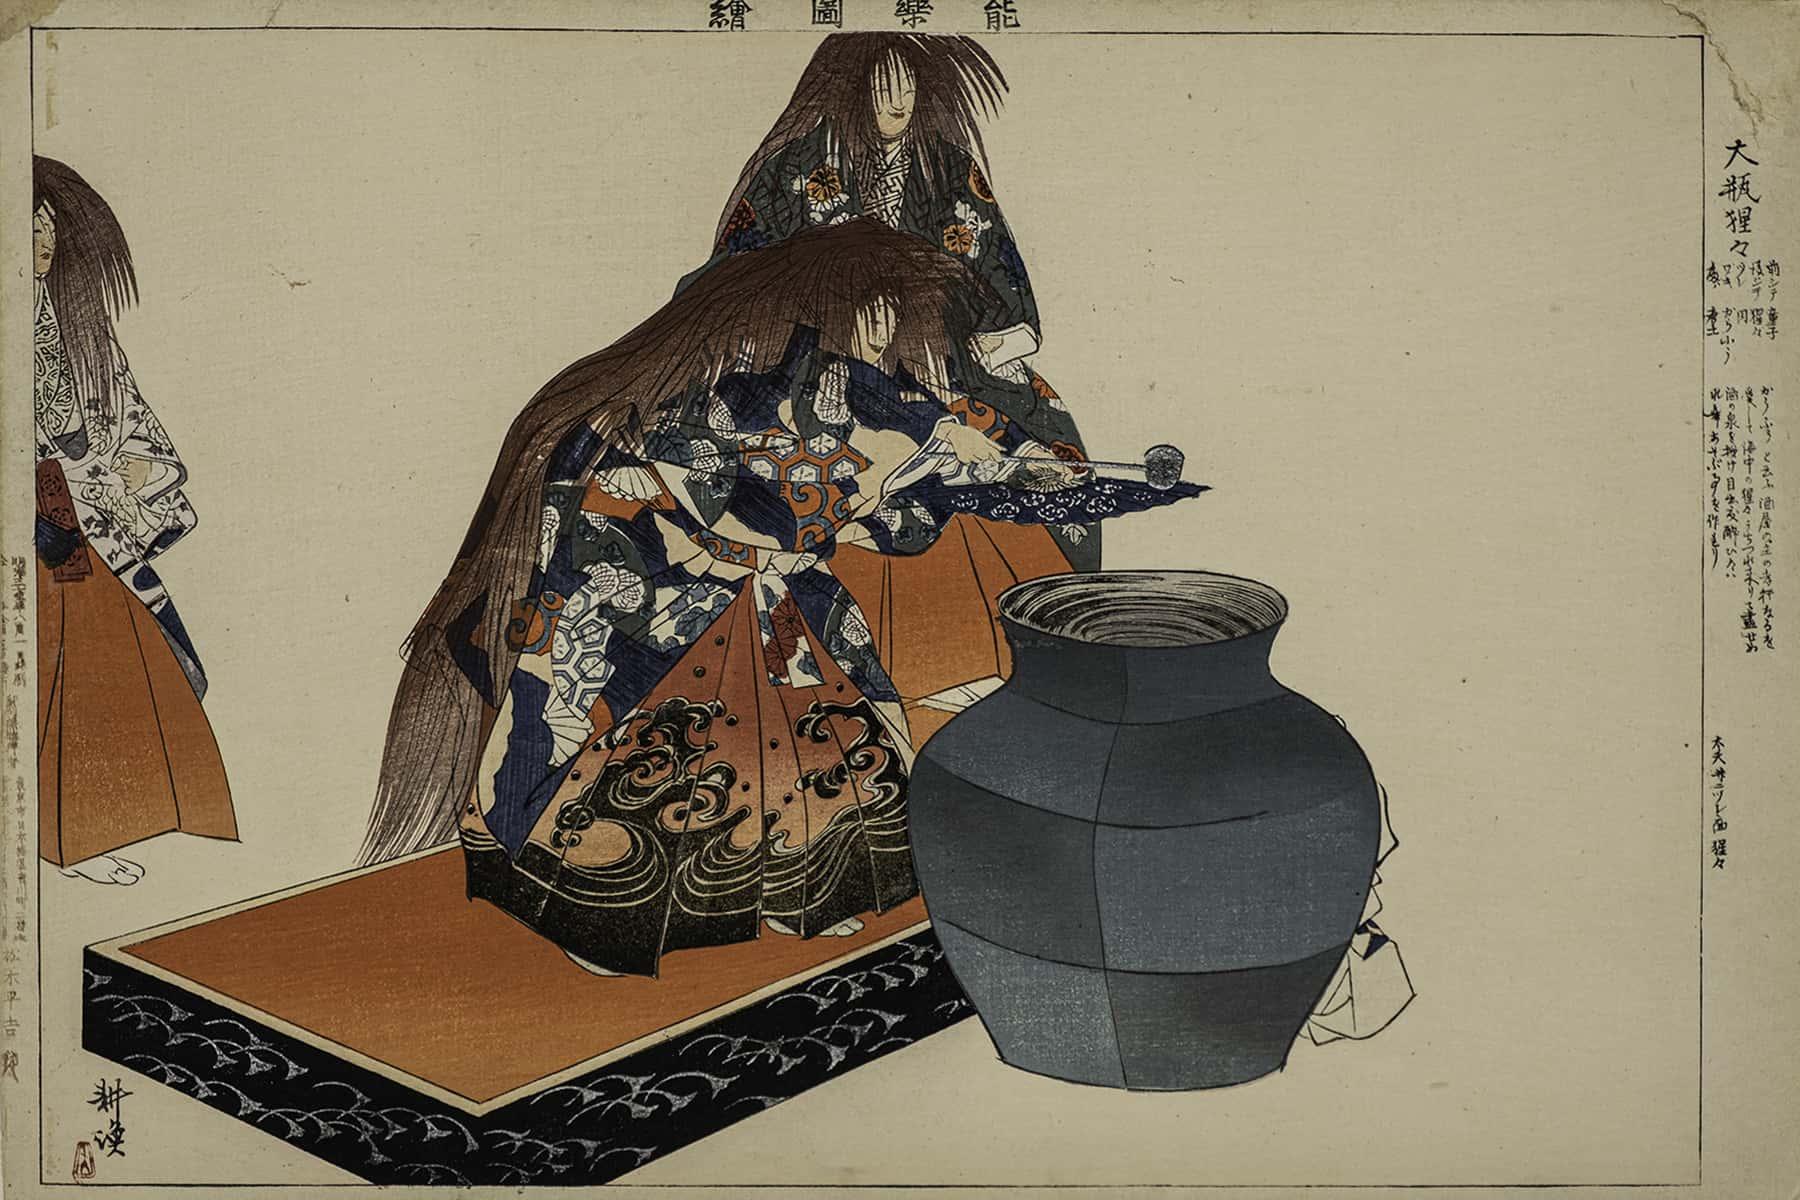 060321_JapanArt-Kogyo_03